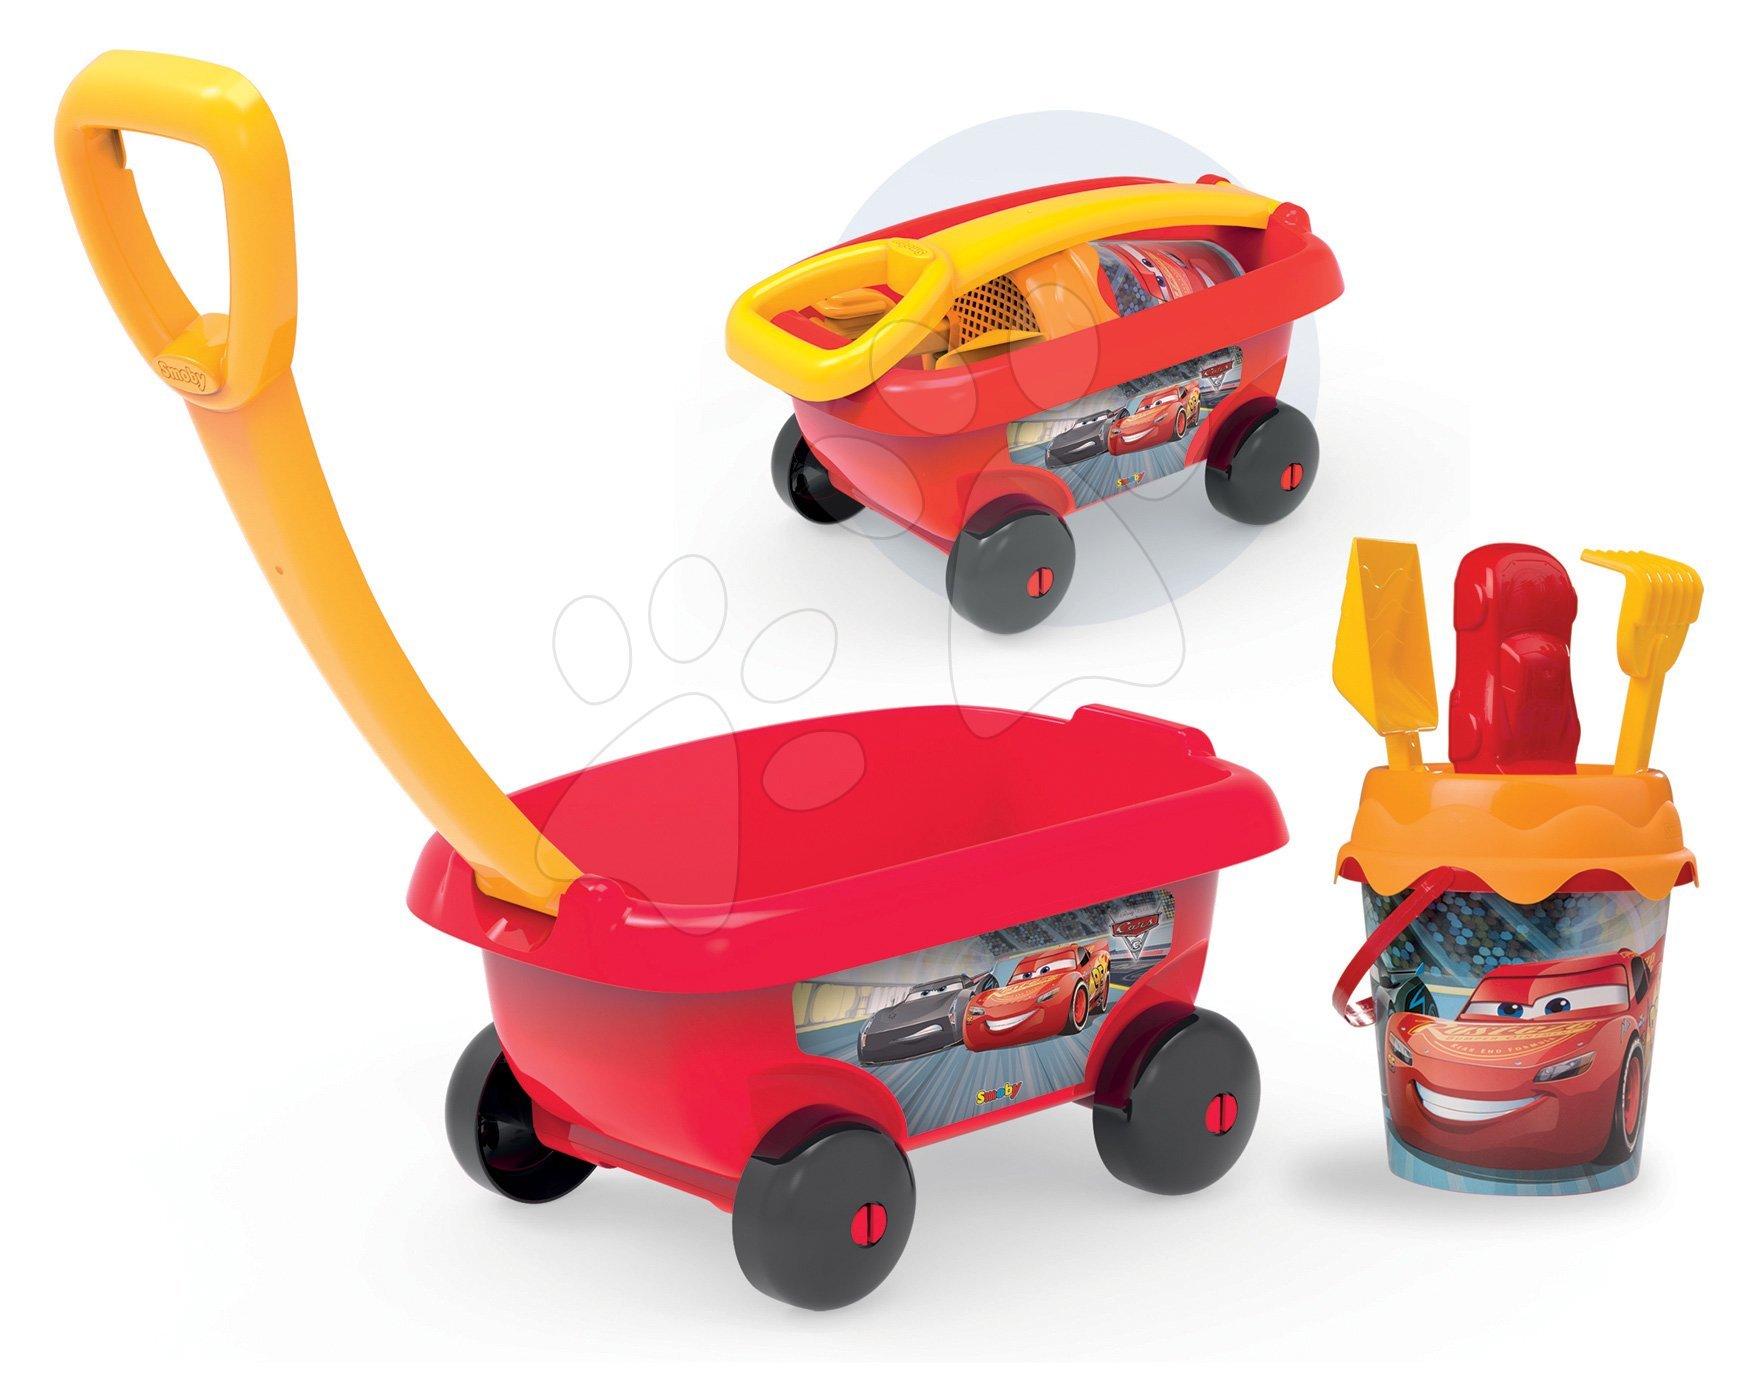 Maşinuţă de tras Cars Smoby cu set găleată pentru nisipar (înălţimea găleţii 18 cm) roşie de la 18 luni